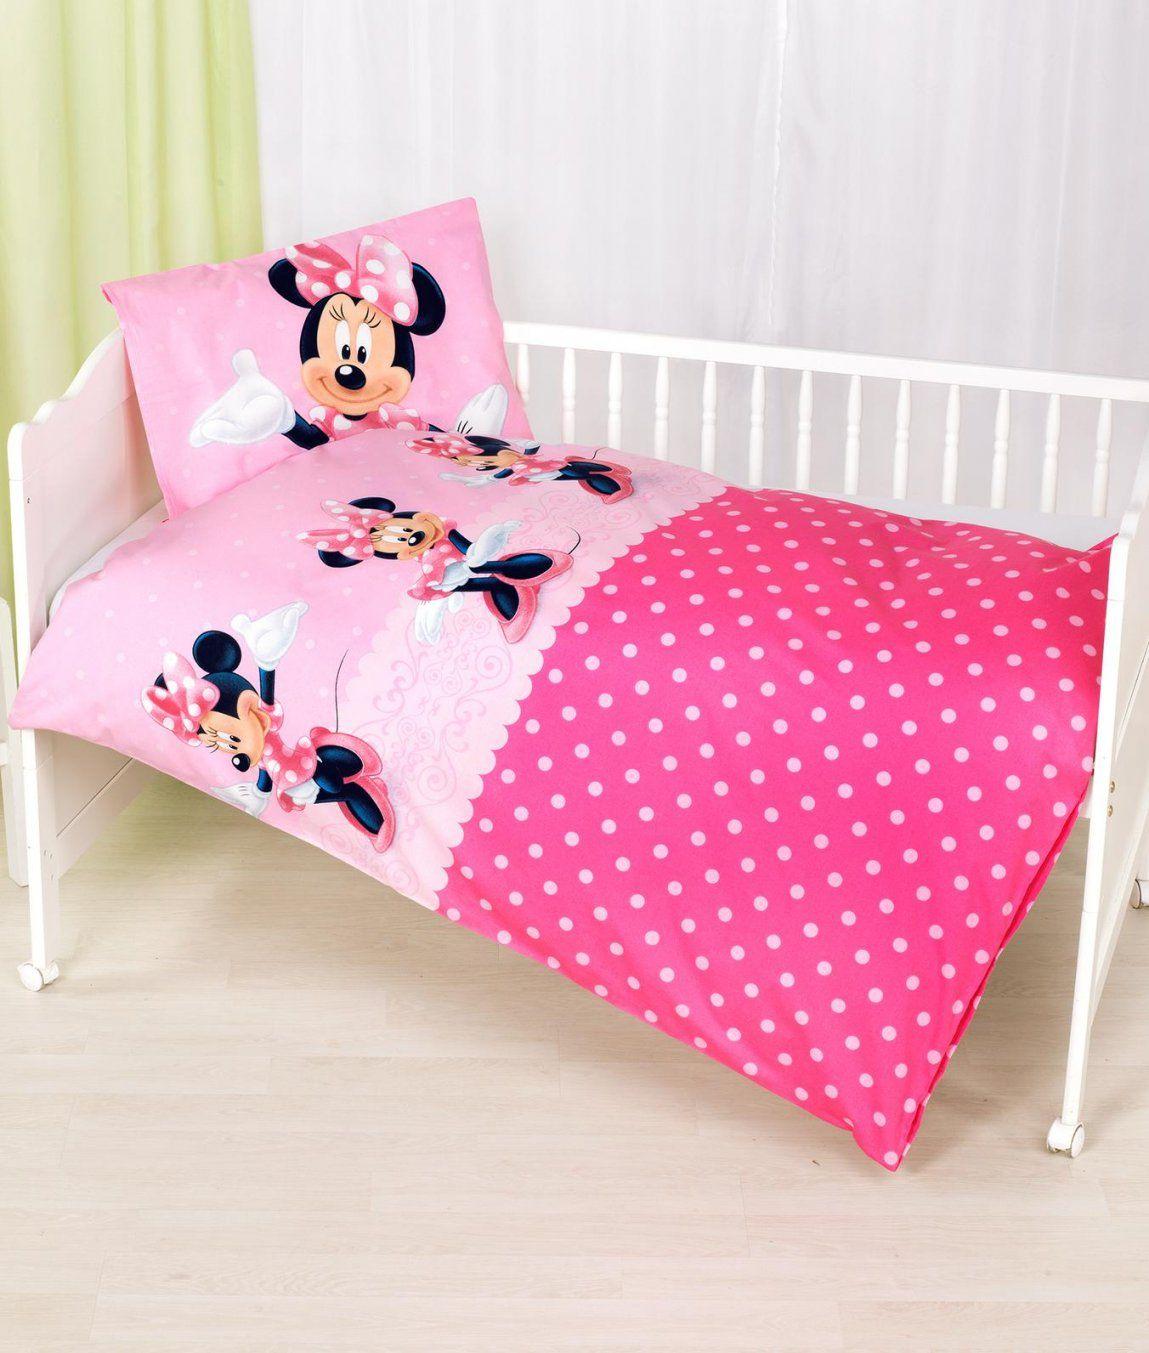 Babybettwäsche Garnitur Minnie Mouse Kaufen  Angela Bruderer von Minni Mouse Bettwäsche Photo